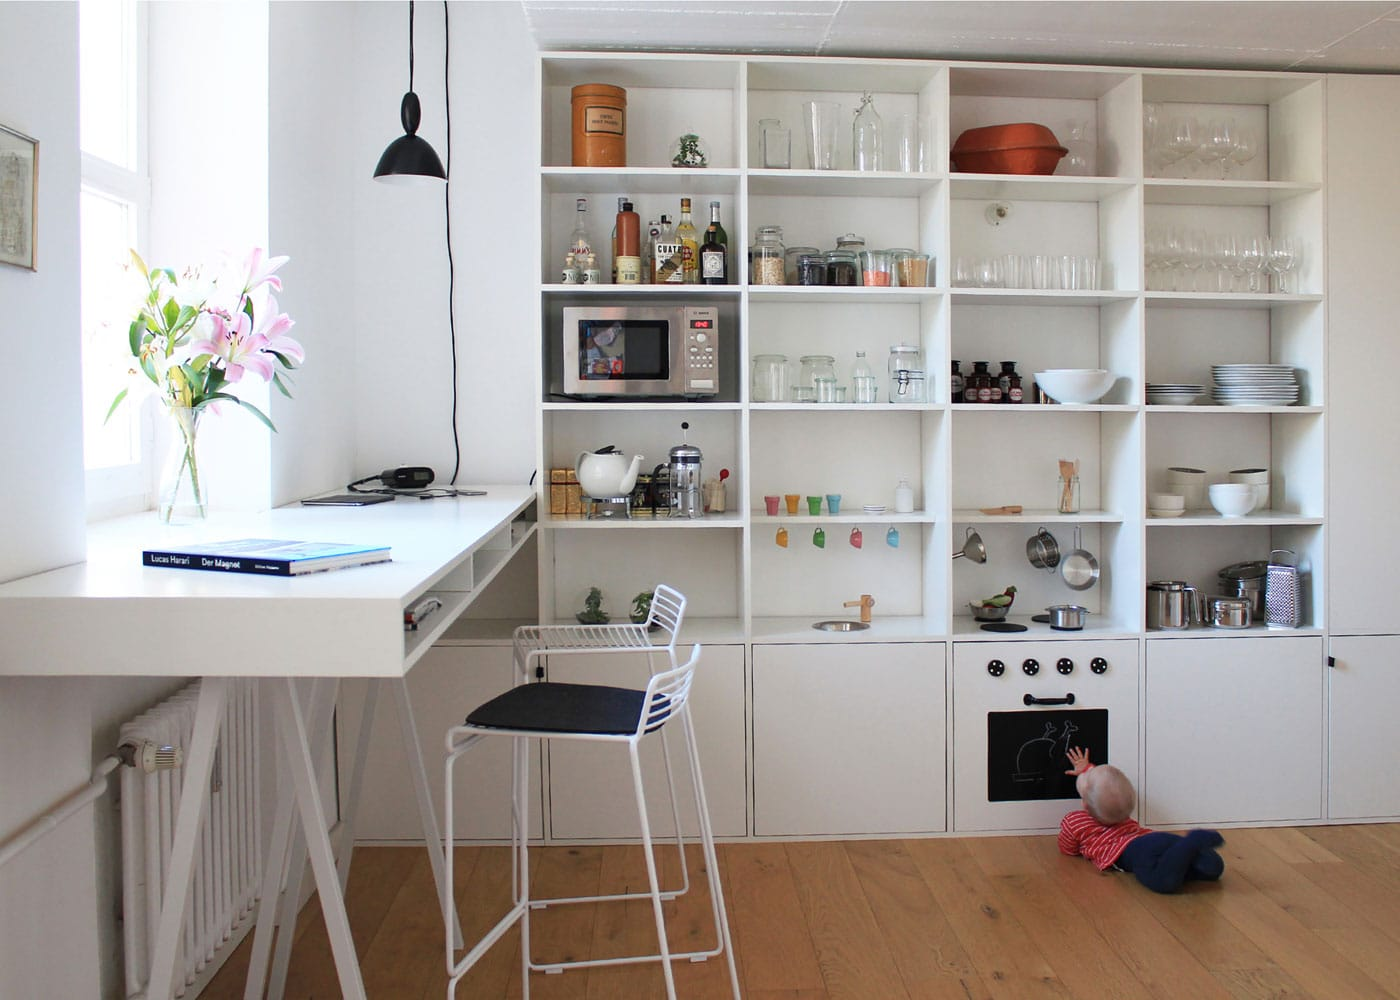 Raumkonzepter für Familien: Platz in der Küche für Kinder // HIMBEER